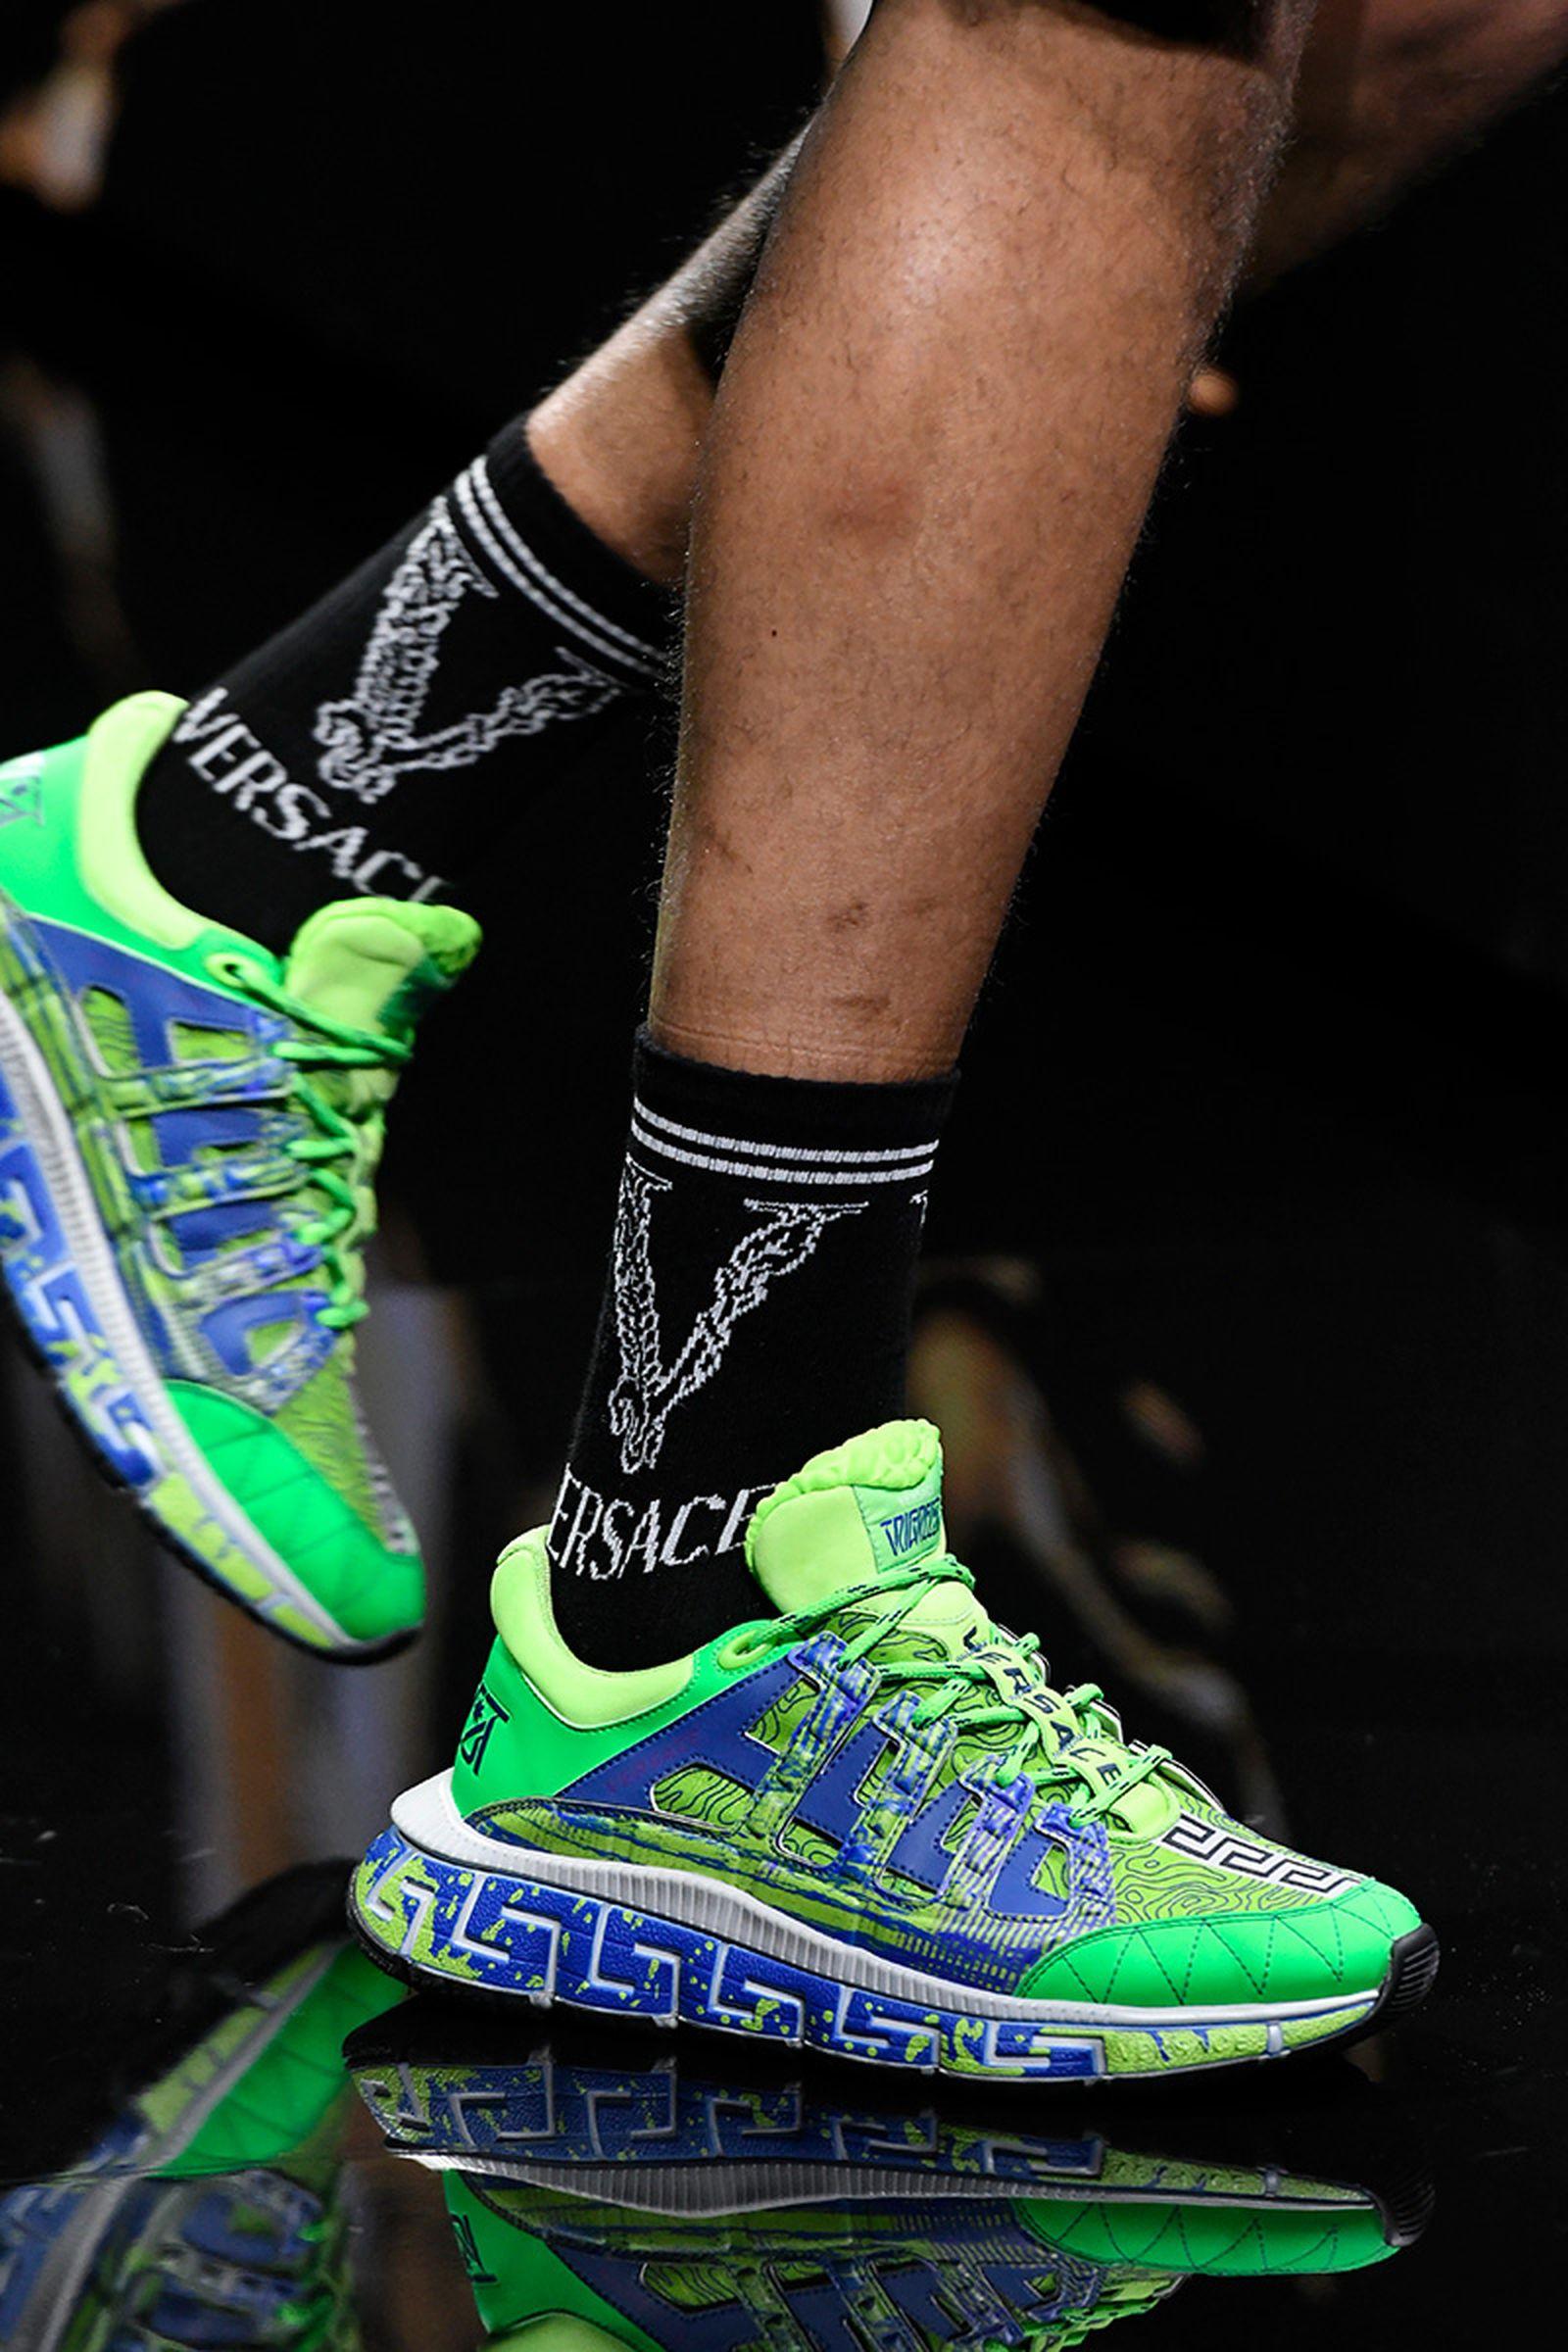 versace-trigreca-sneaker-release-date-price-fw20-02